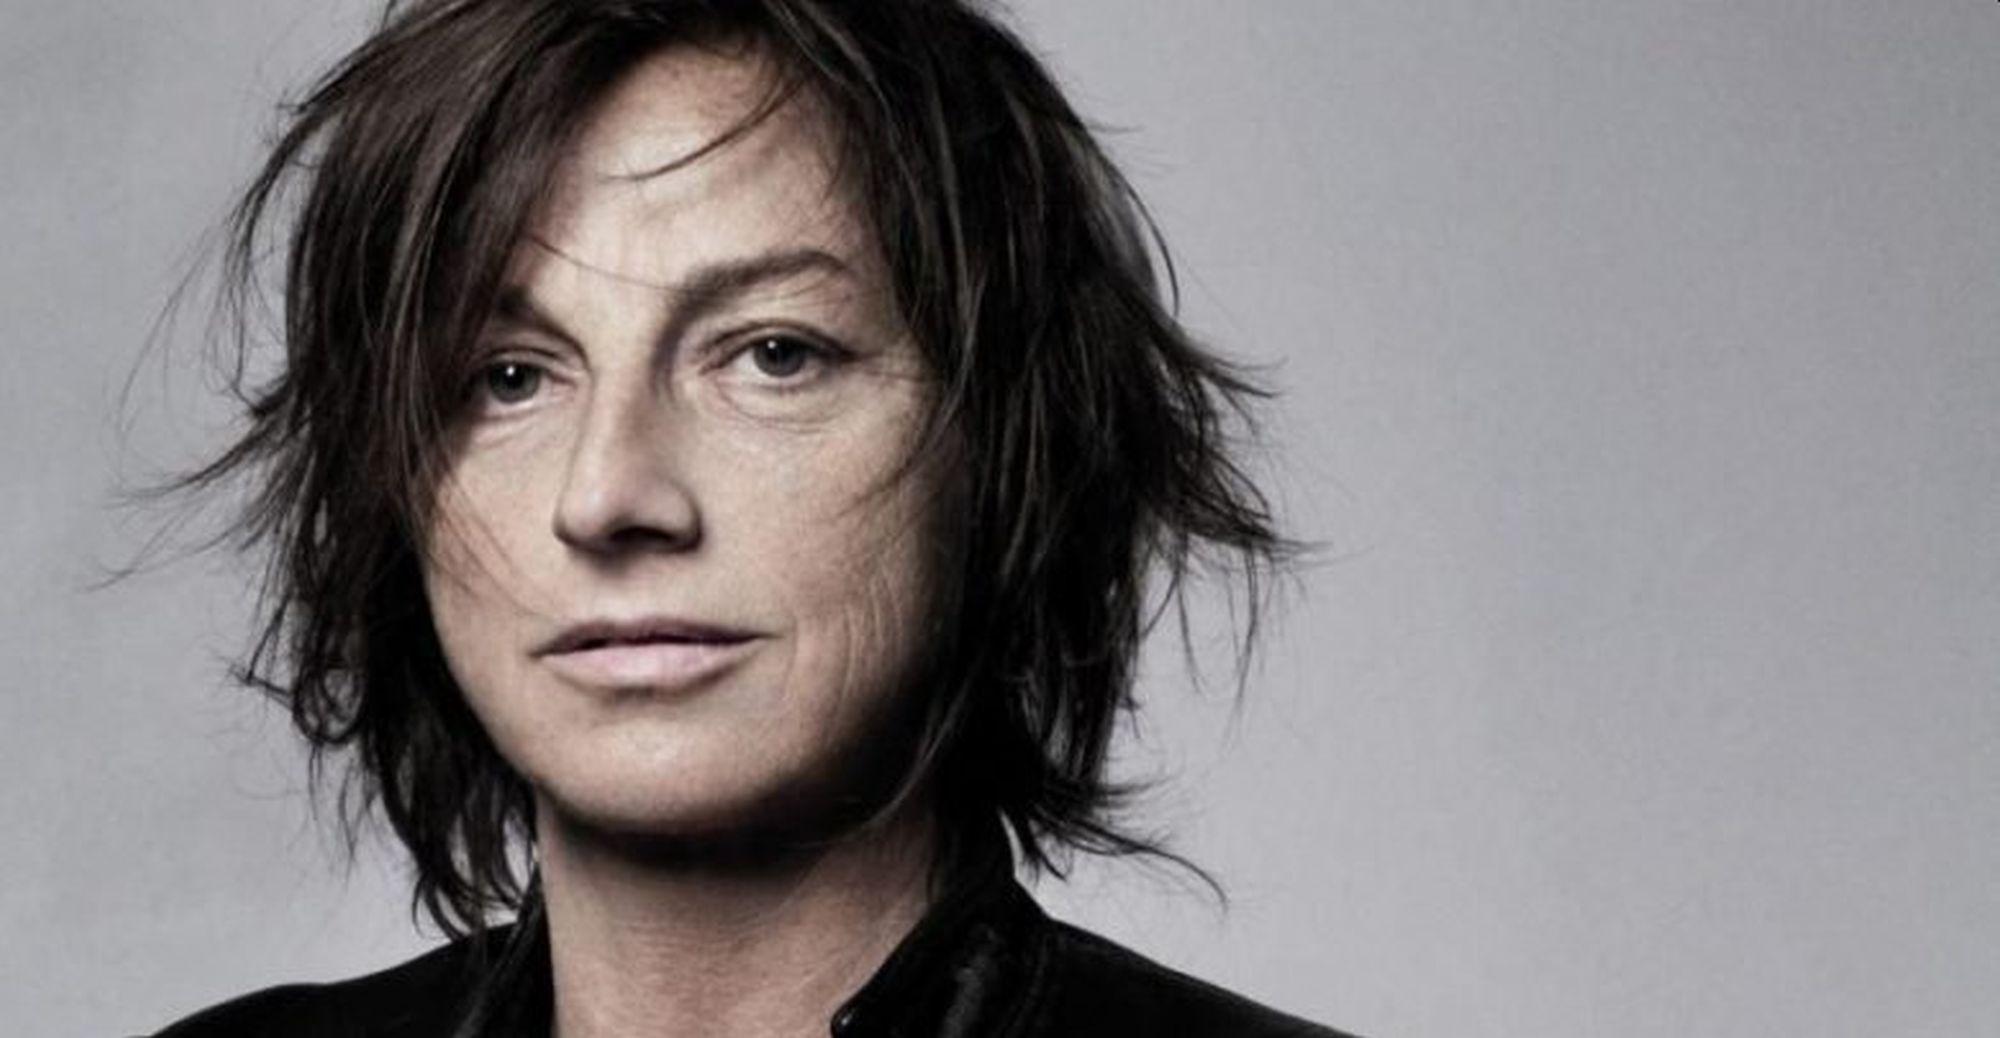 """Musica Italiana, Nuove Uscite. Gianna Nannini fa sempre """"La differenza"""": Premio Tenco 2019 e ora il countdown del nuovo album"""